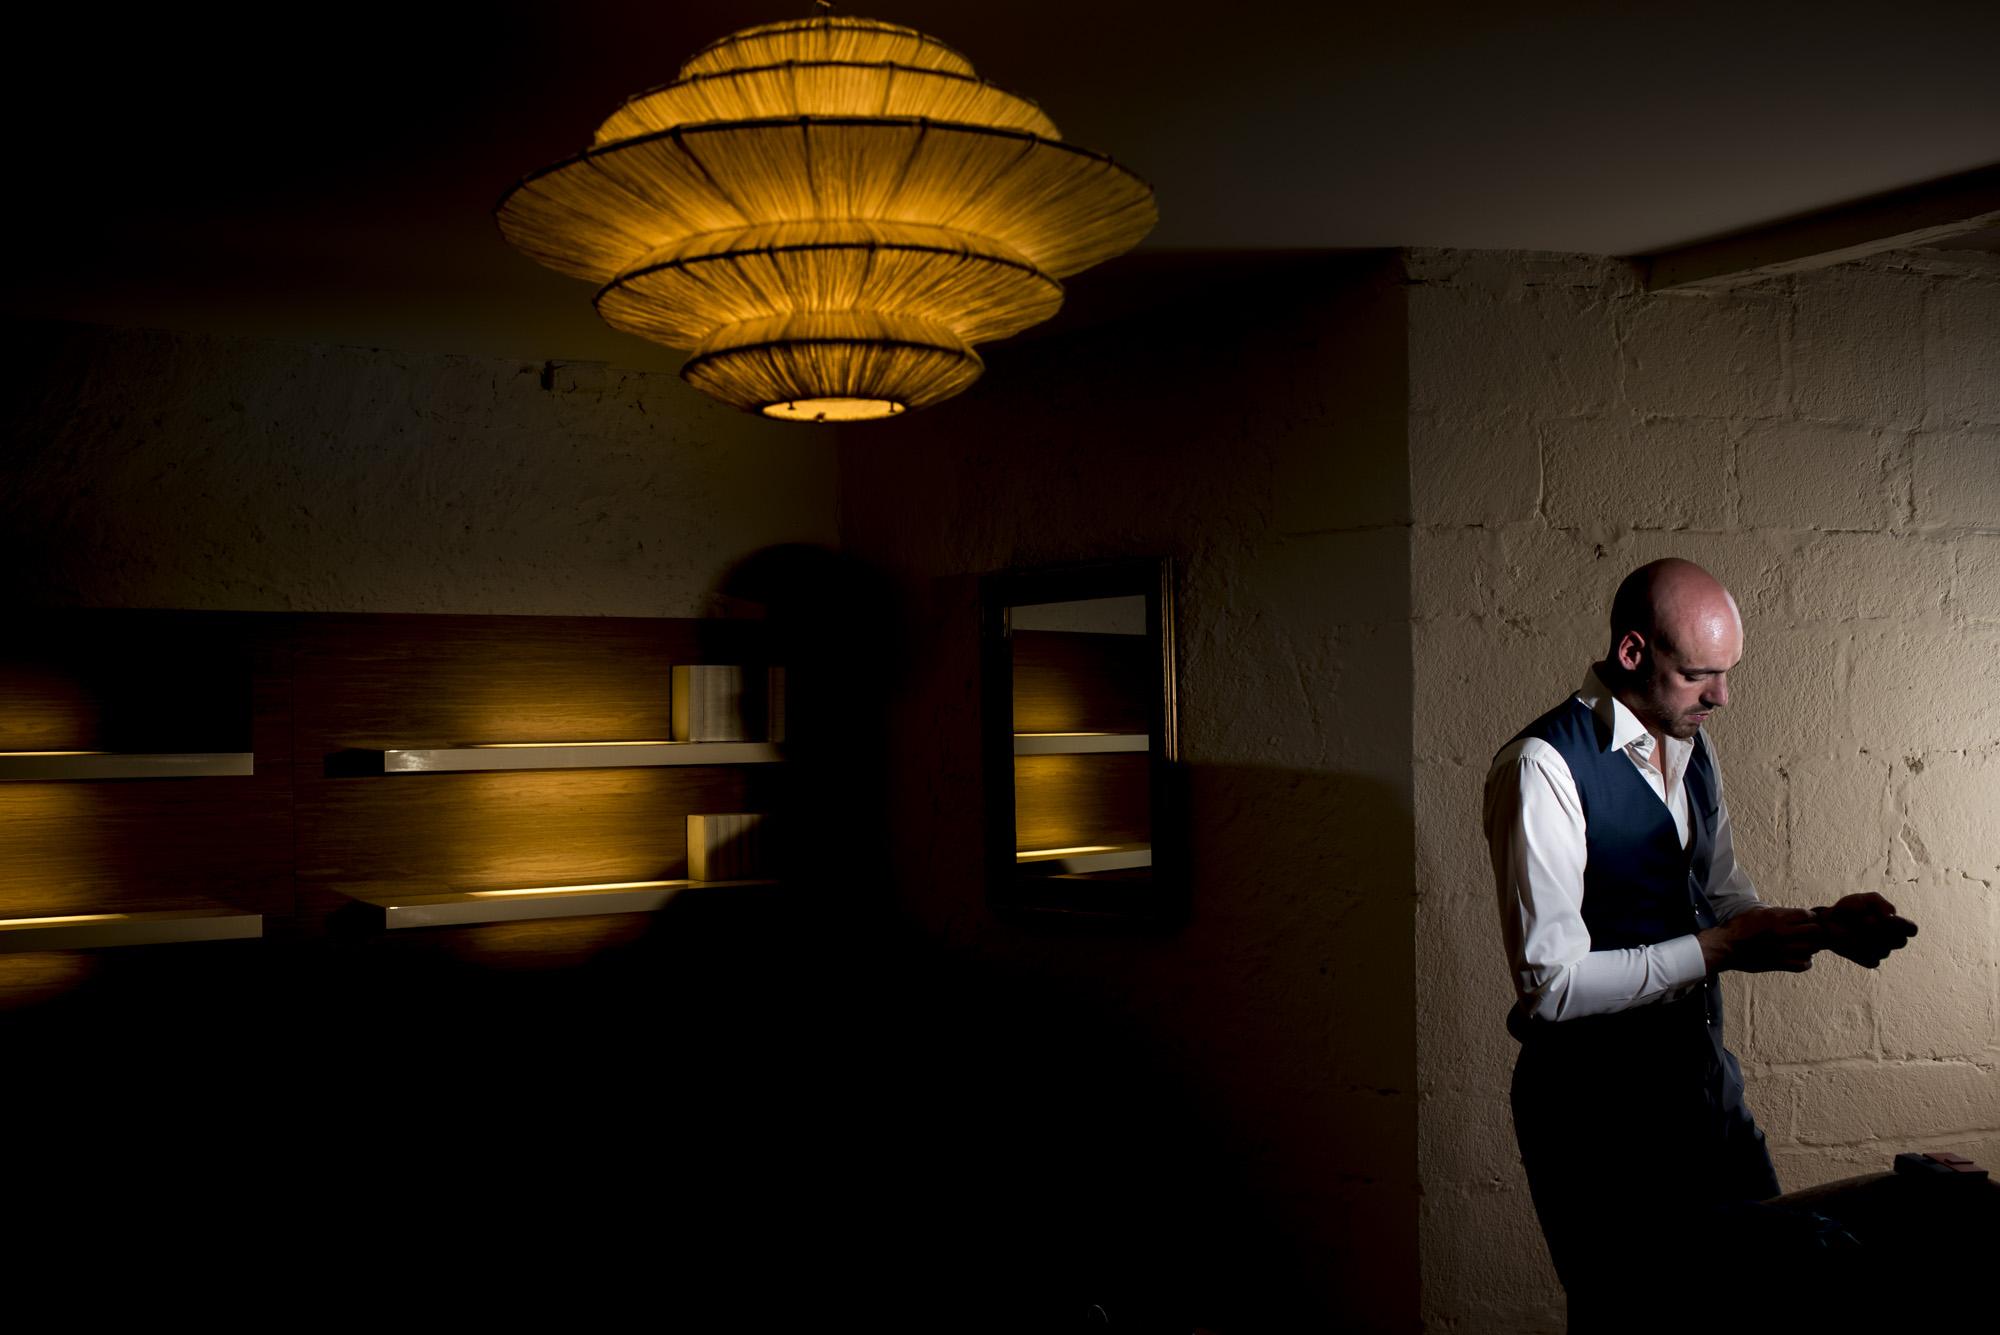 Préparatifs du marié | Mariage au château des Martinanche | Photographe de mariage Issoire